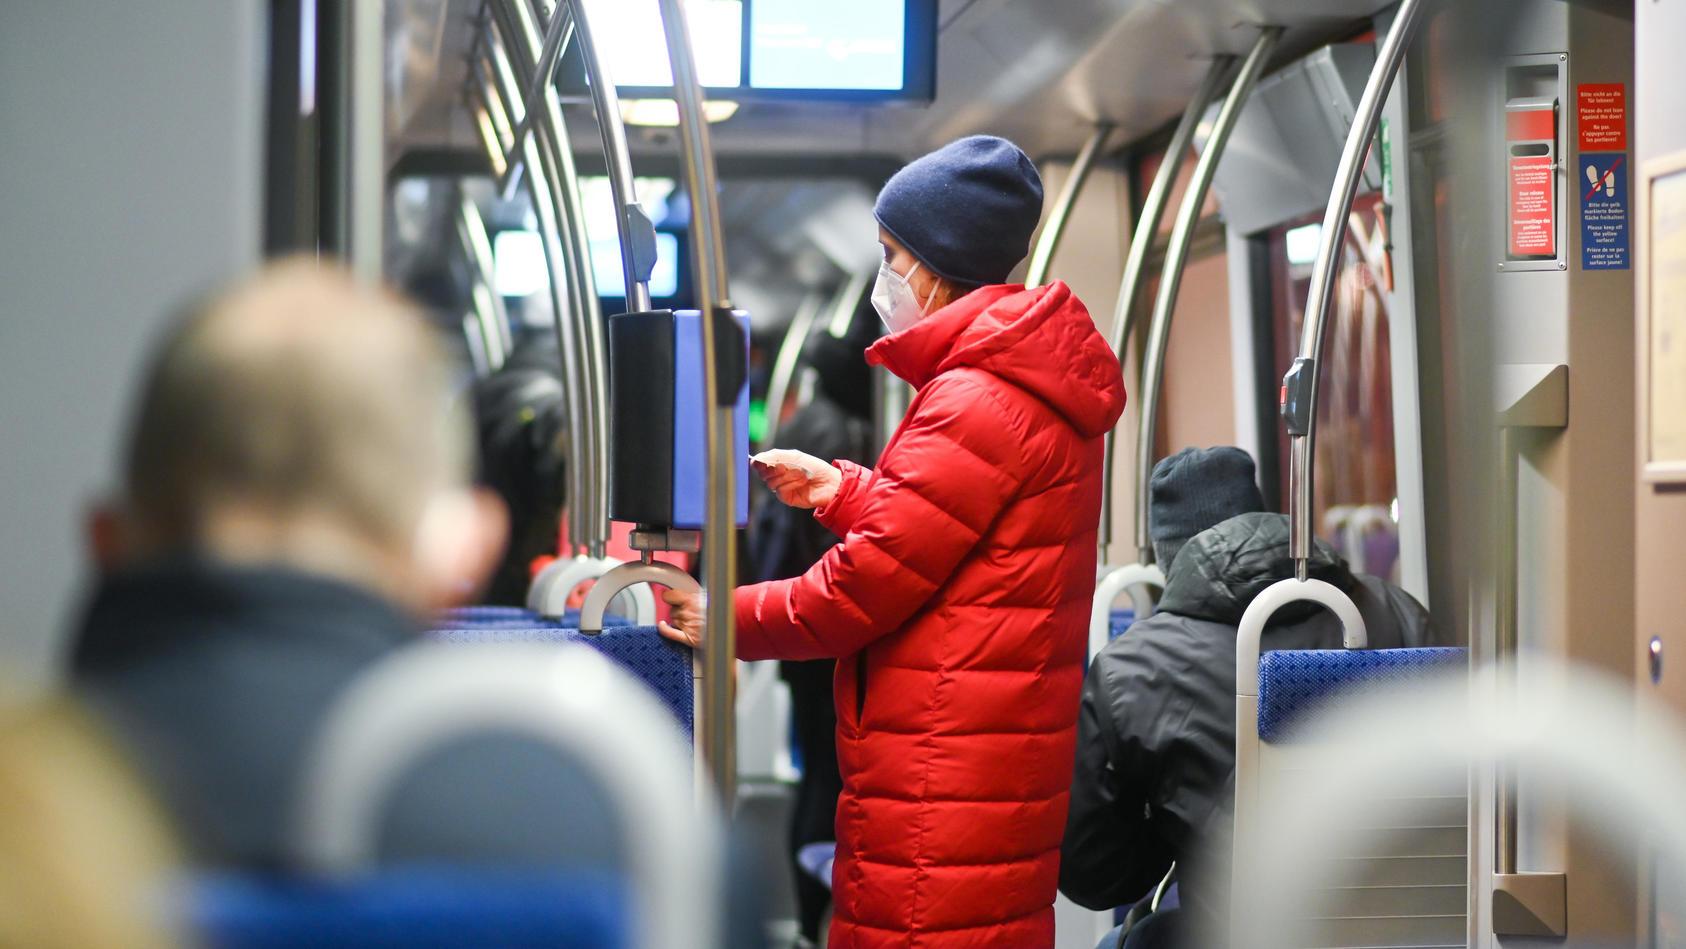 Einige deutsche Verkehrsbetreibe empfehlen, in Bus und Bahn auf lautes Sprechen und Telefonieren zu verzichten.